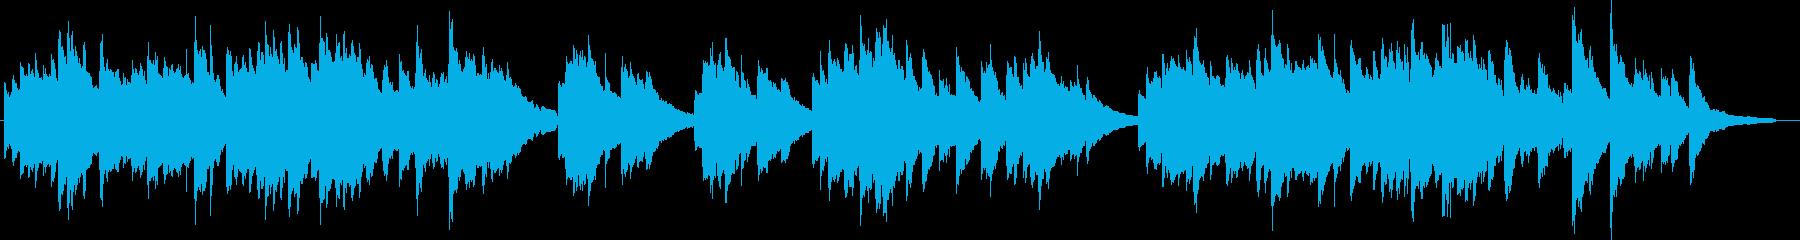 ピアノ演奏/和風・里山の夕日・歴史・故郷の再生済みの波形